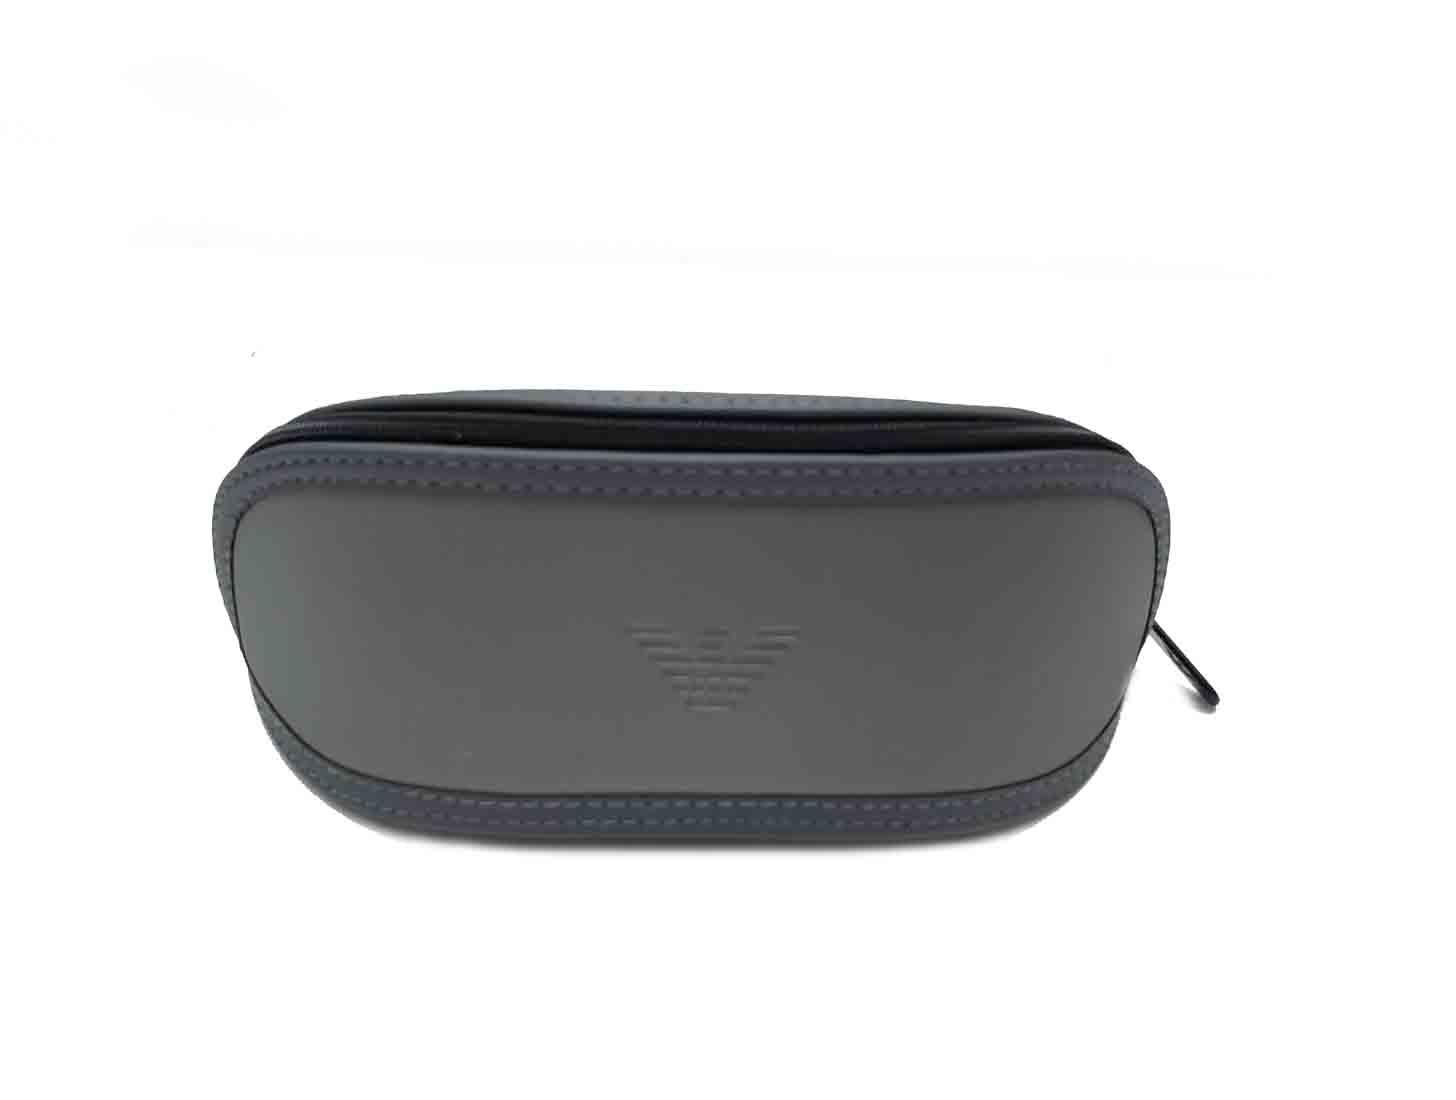 Emporio Armani Sunglasses Case Pouch Gray Men's